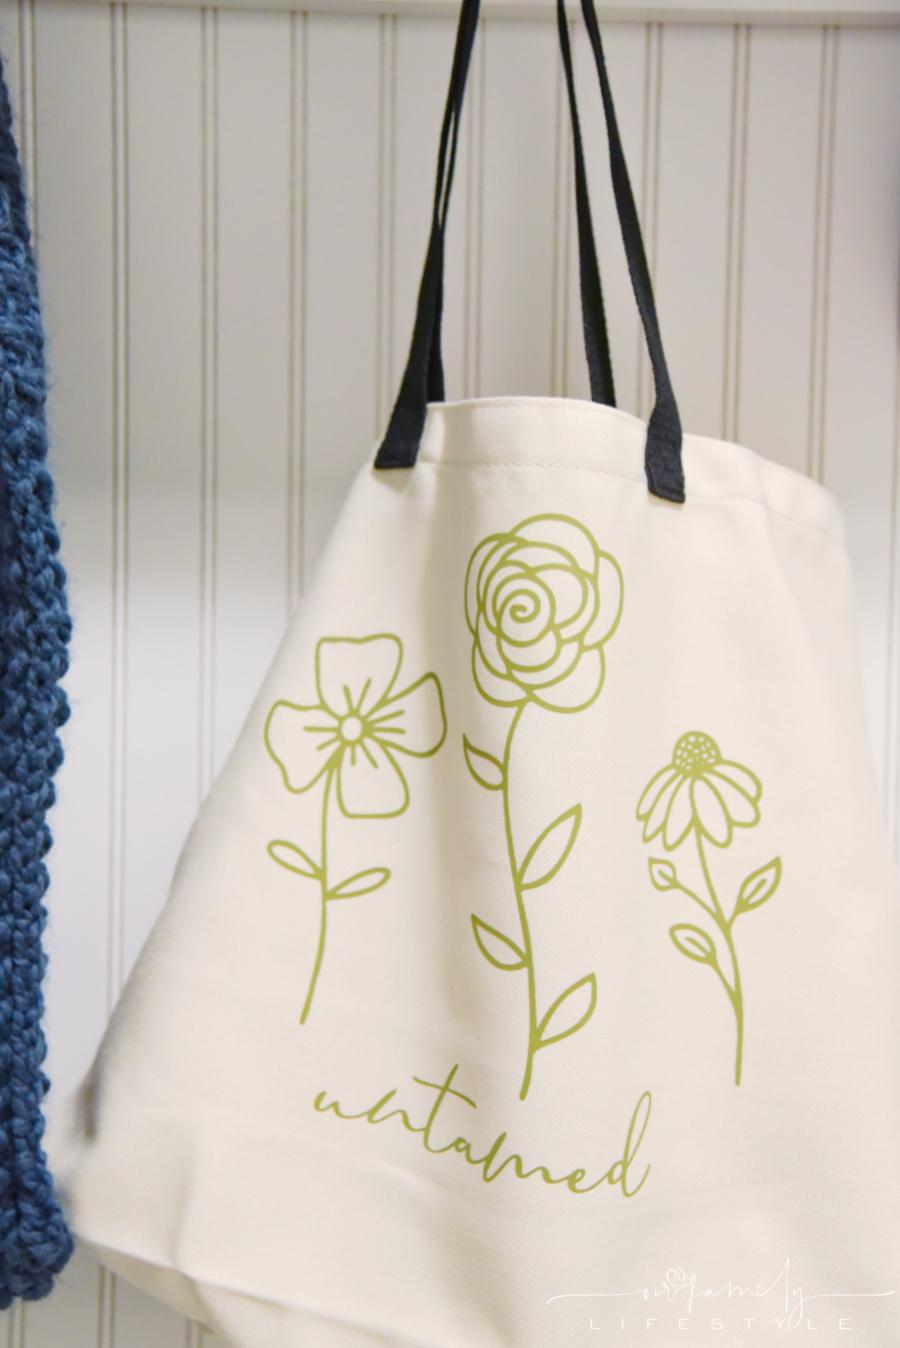 Cricut Vinyl Untamed wildflowers tote bag